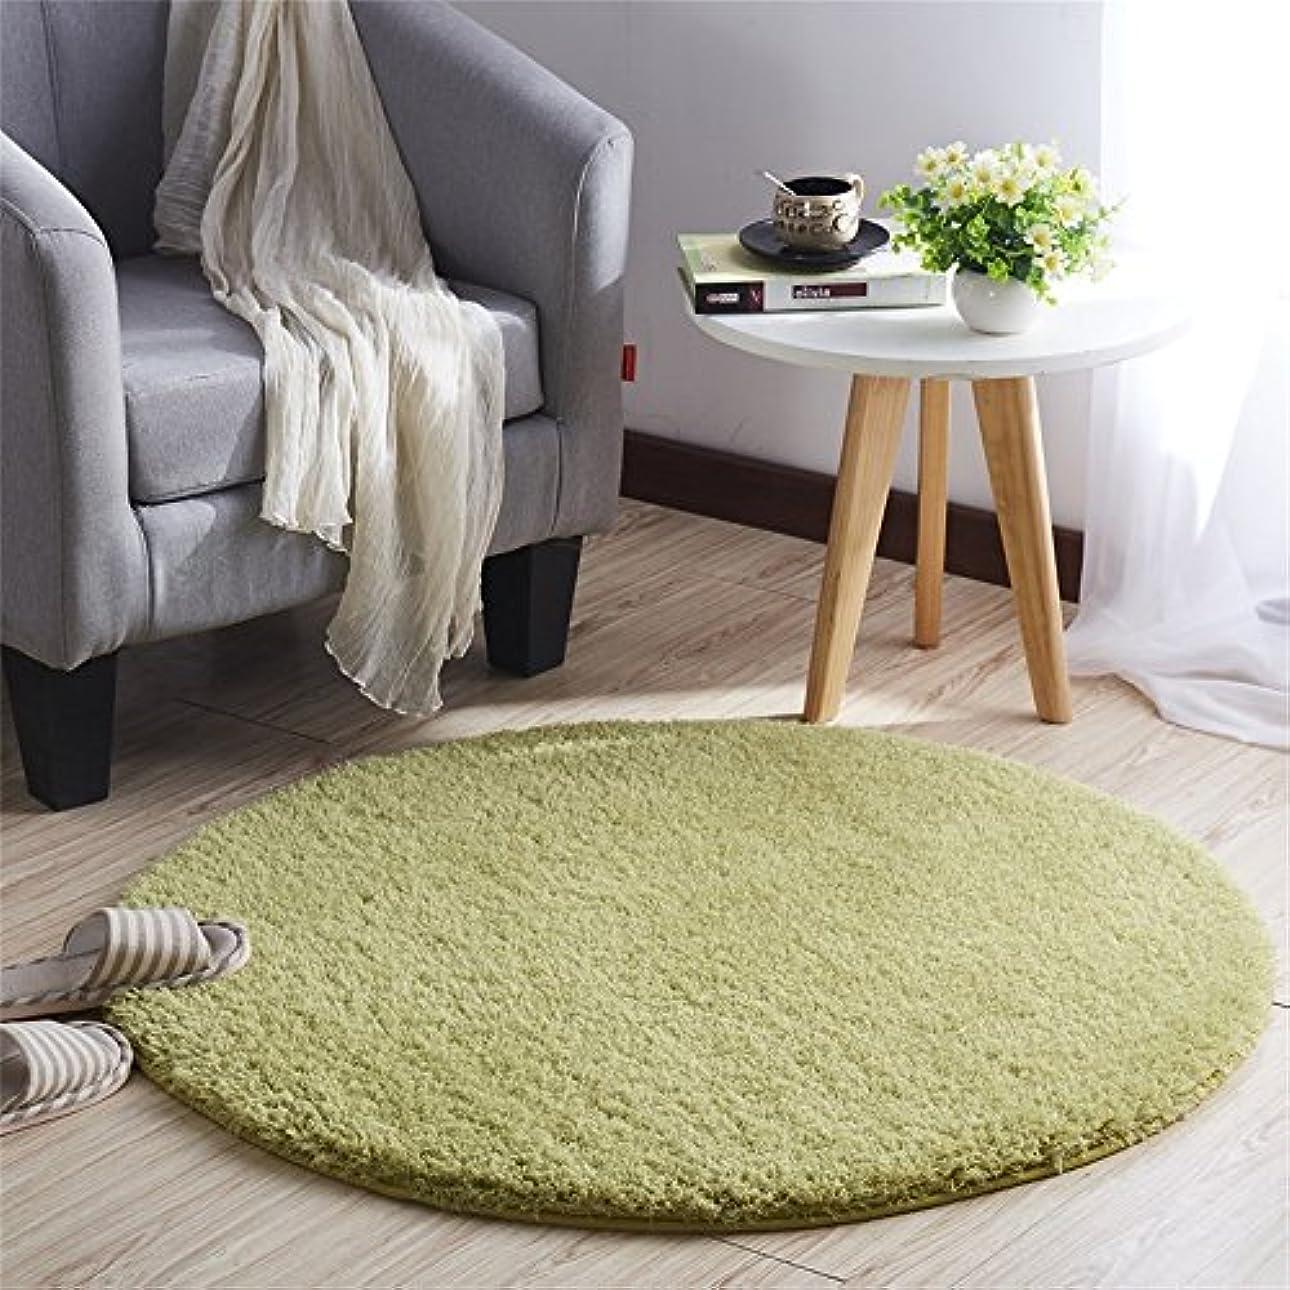 グラフ買収蛇行CLAXAM 一瞬だけでとろけそう~!ラブリーシャギーラグ 丸い絨毯 極上の繊細さと柔らかさ、サラサラな質感で、あなたの欠かせない家飾りの味方 (80cm, グラスグリーン)